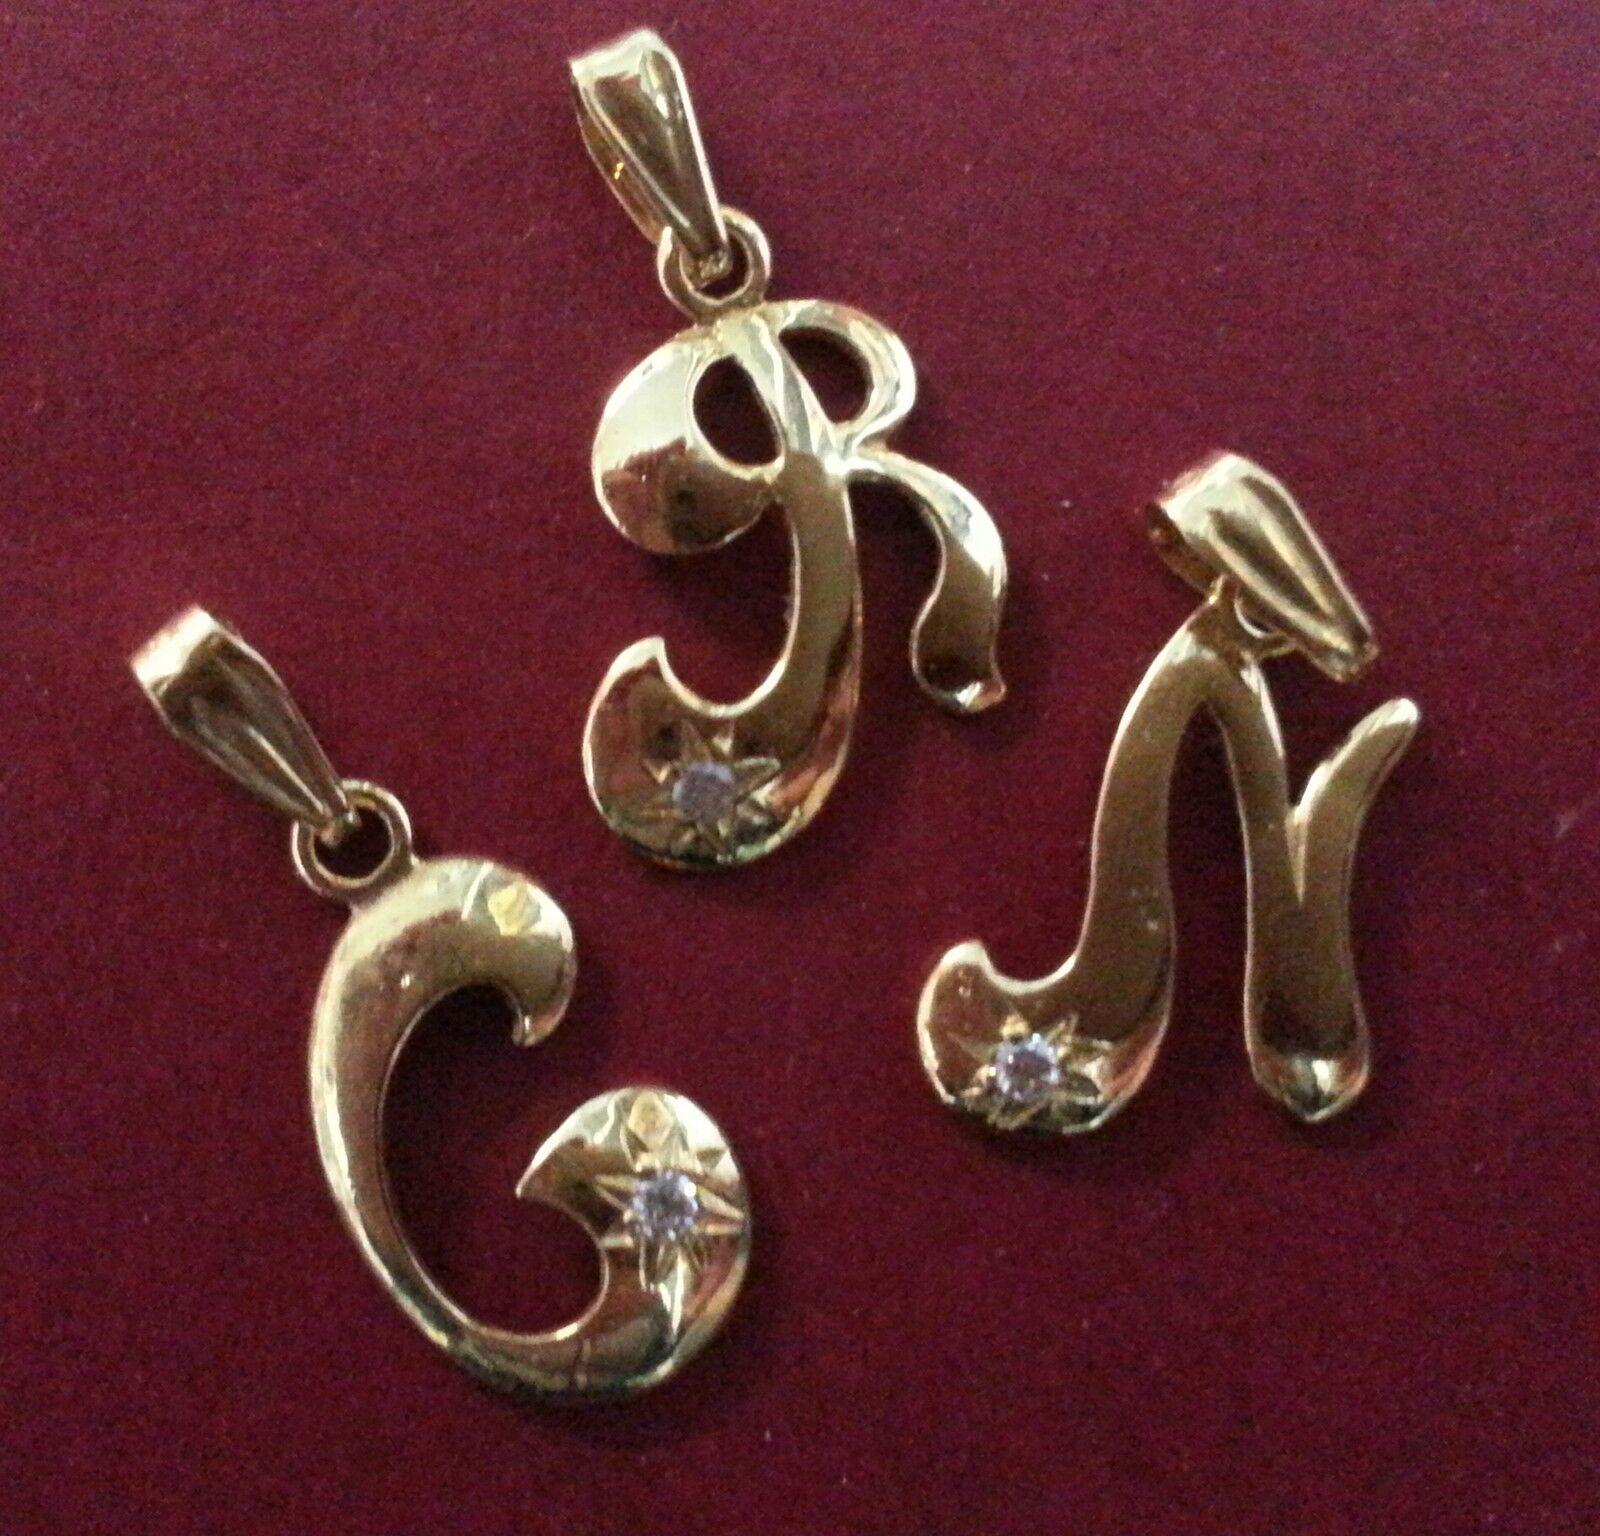 COLGANTE LETRA gold 18 quilates y circonita. Letras disponibles  C-I-L-O-R-V-C.